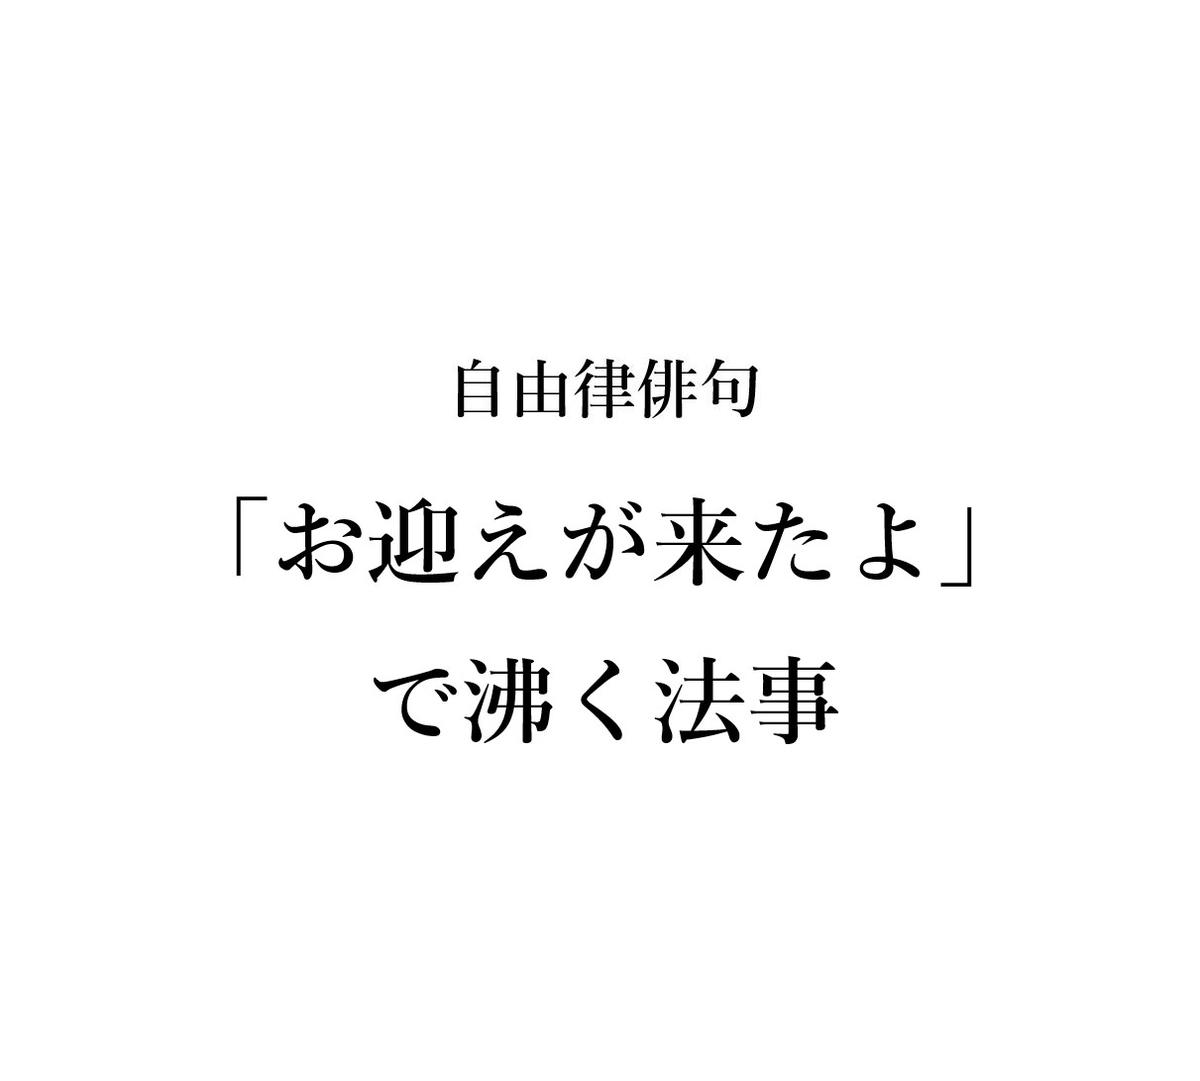 f:id:chichichan:20200510164235j:plain